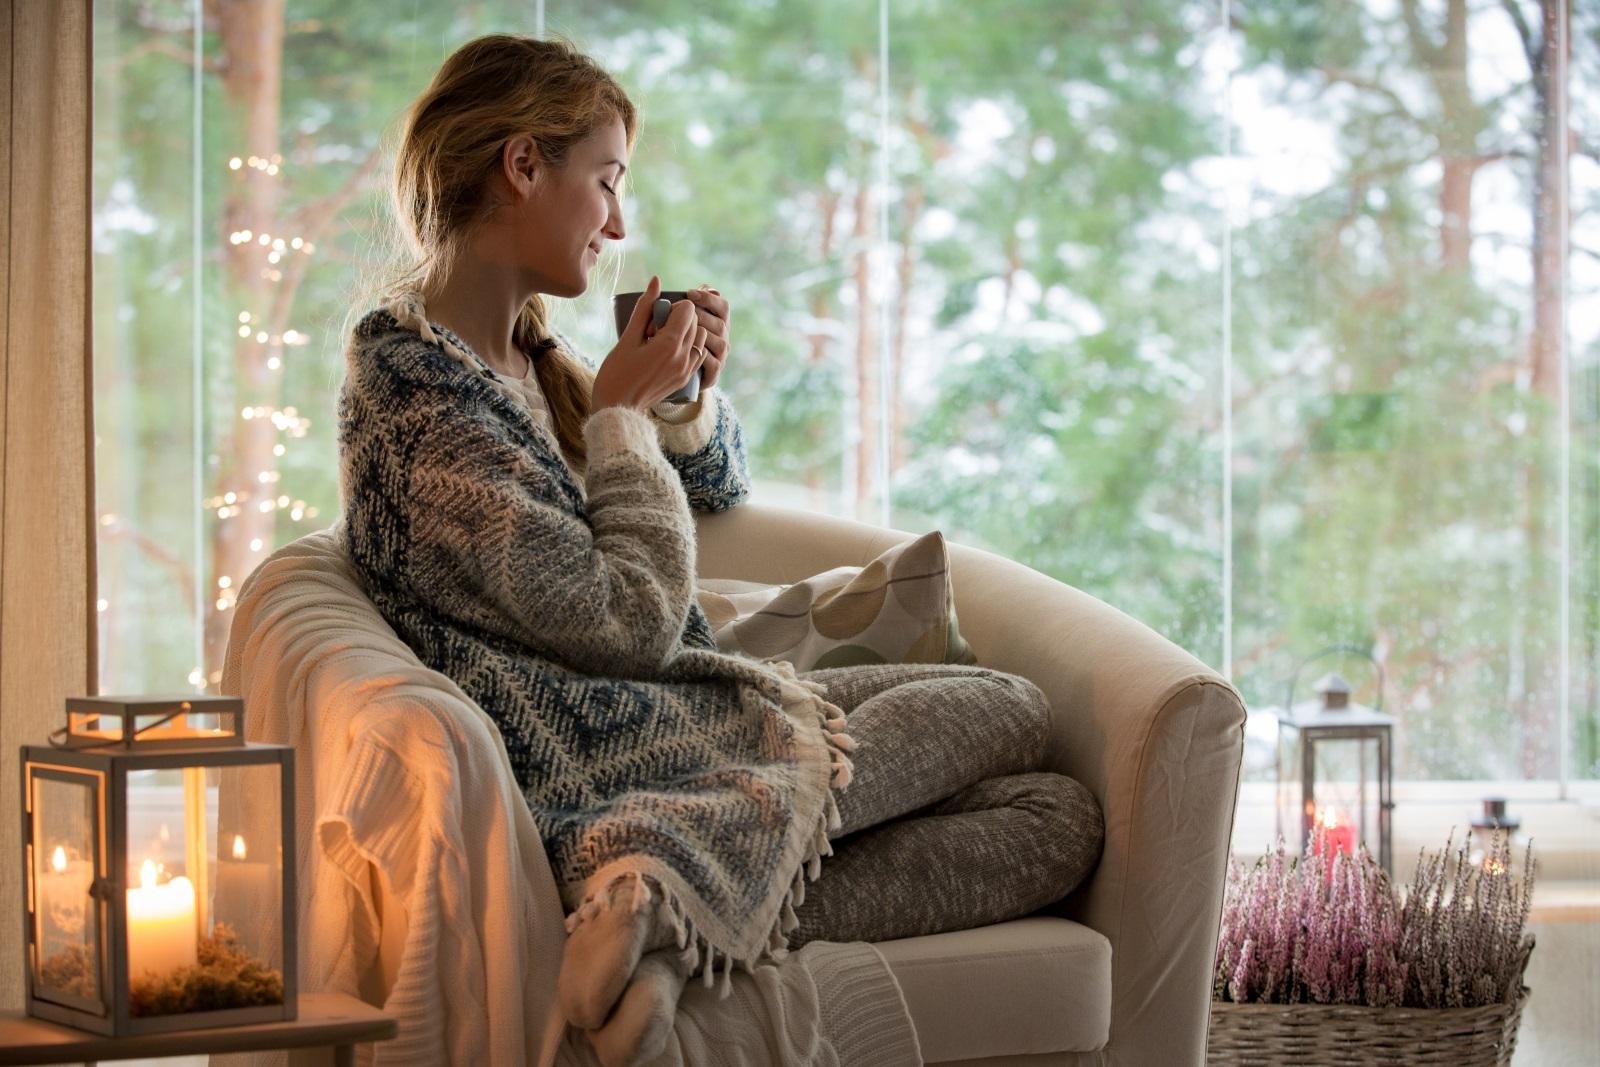 Помислете за неделята като за първия ден на седмицата, вместо като последен почивен. Повечето хора гледат на неделята като последния ден за почивка, преди да се върнат обратно на работа или училище и това ги натоварва. Вместо това, при първа възможност подготвяйте задачите си за седмицата още от неделя. Така в понеделник сутрин ще се чувствате по-малко стресирани.